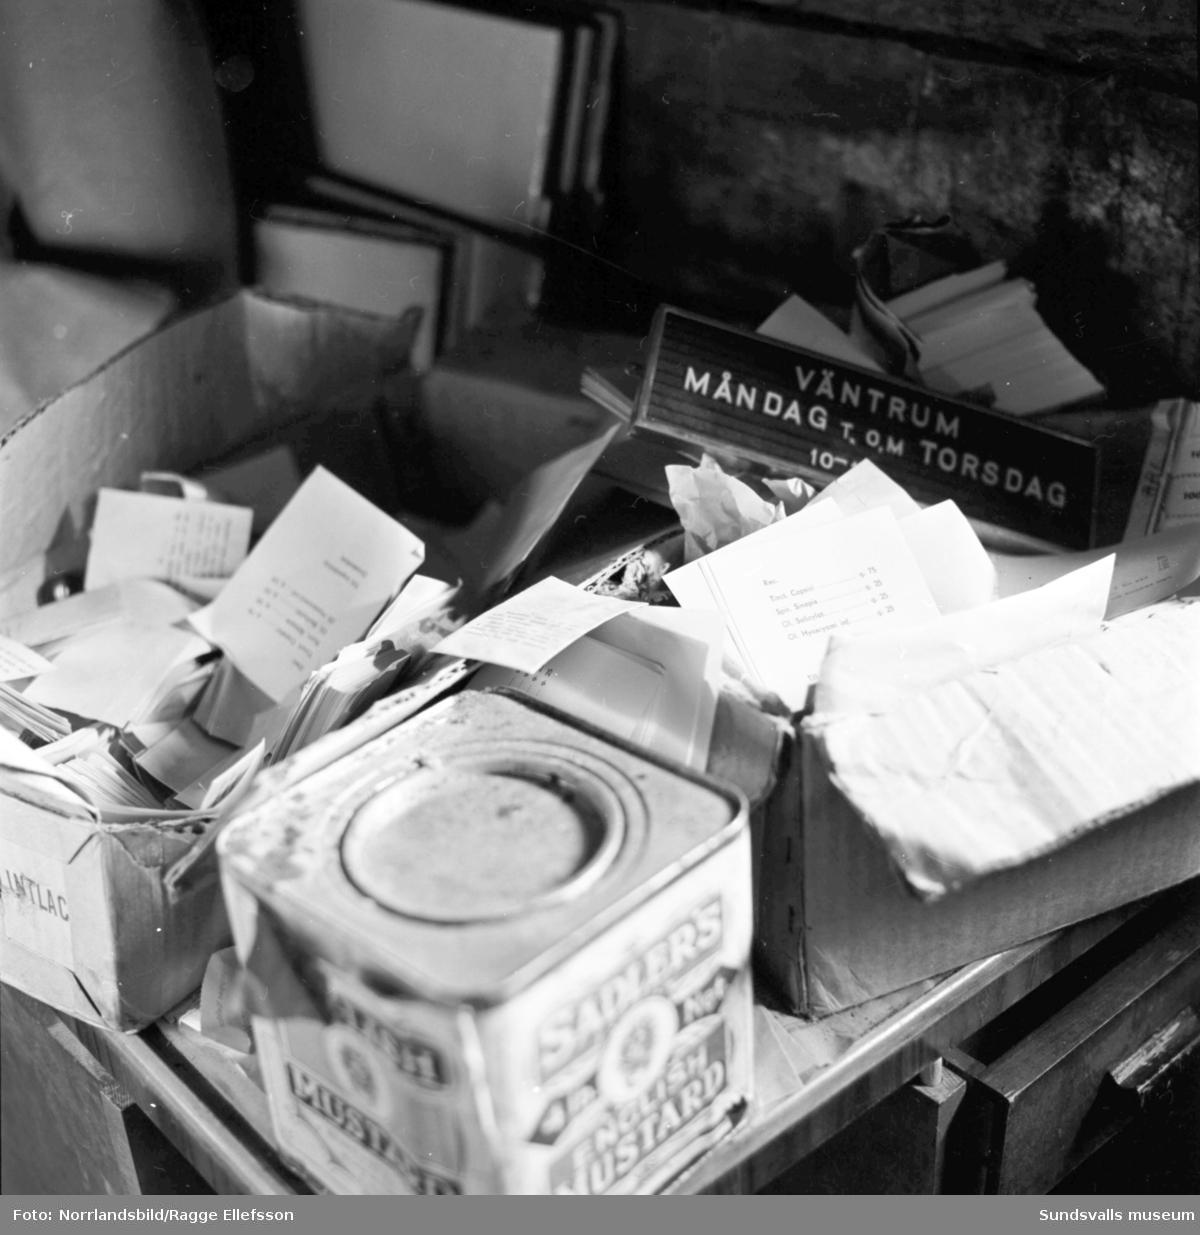 Interiörbilder från en gammal homeopatpreparatfabrik i Galtström. Kartonger, recept och burkar med preparat.